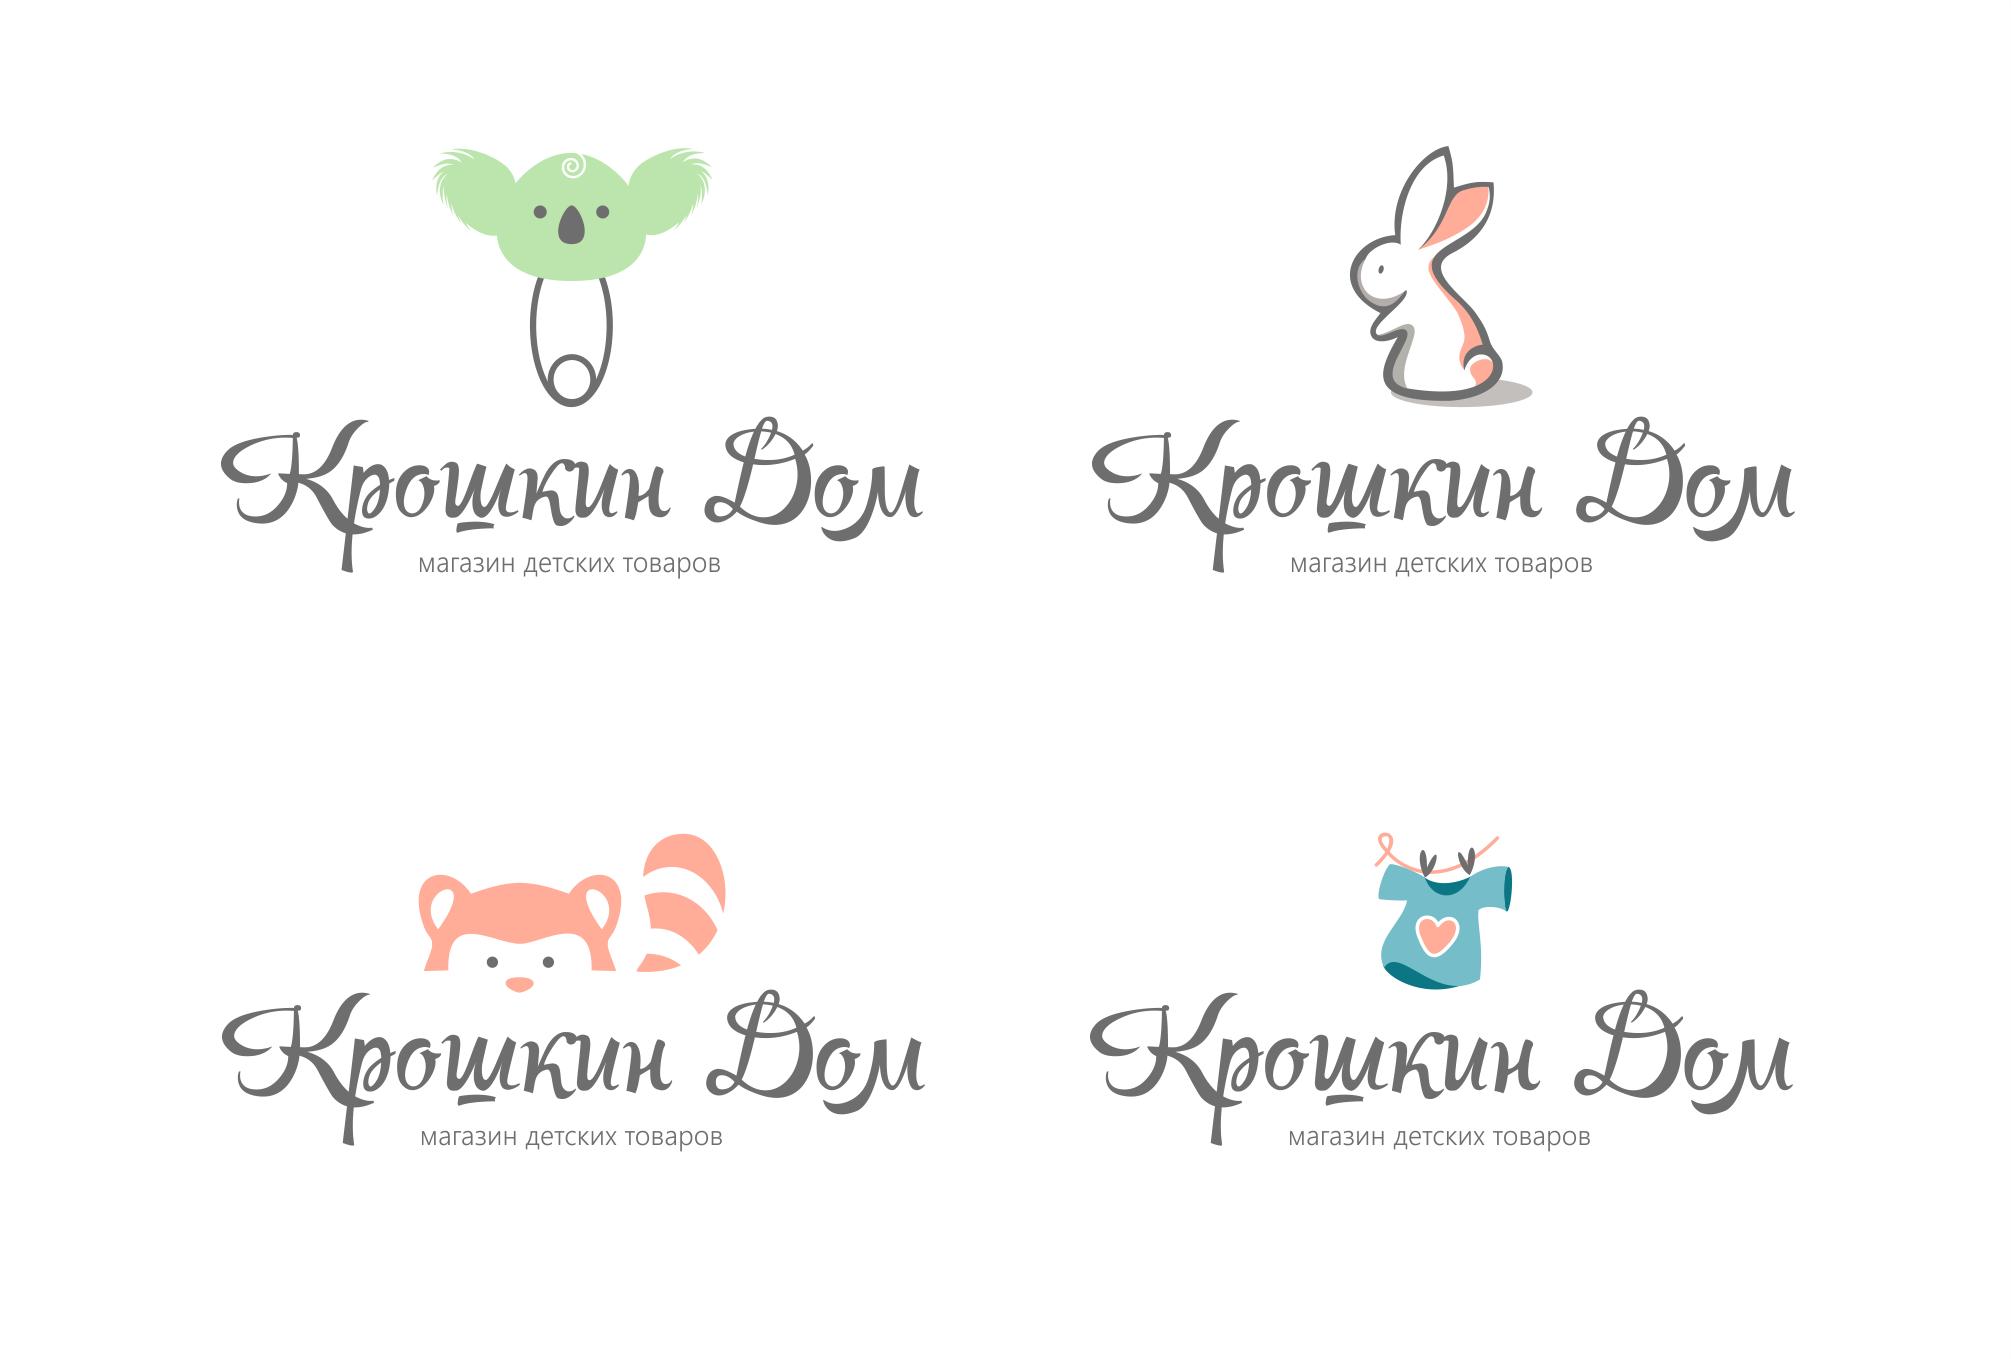 Как сделать логотип в интернет магазин визитка создание сайтов psd